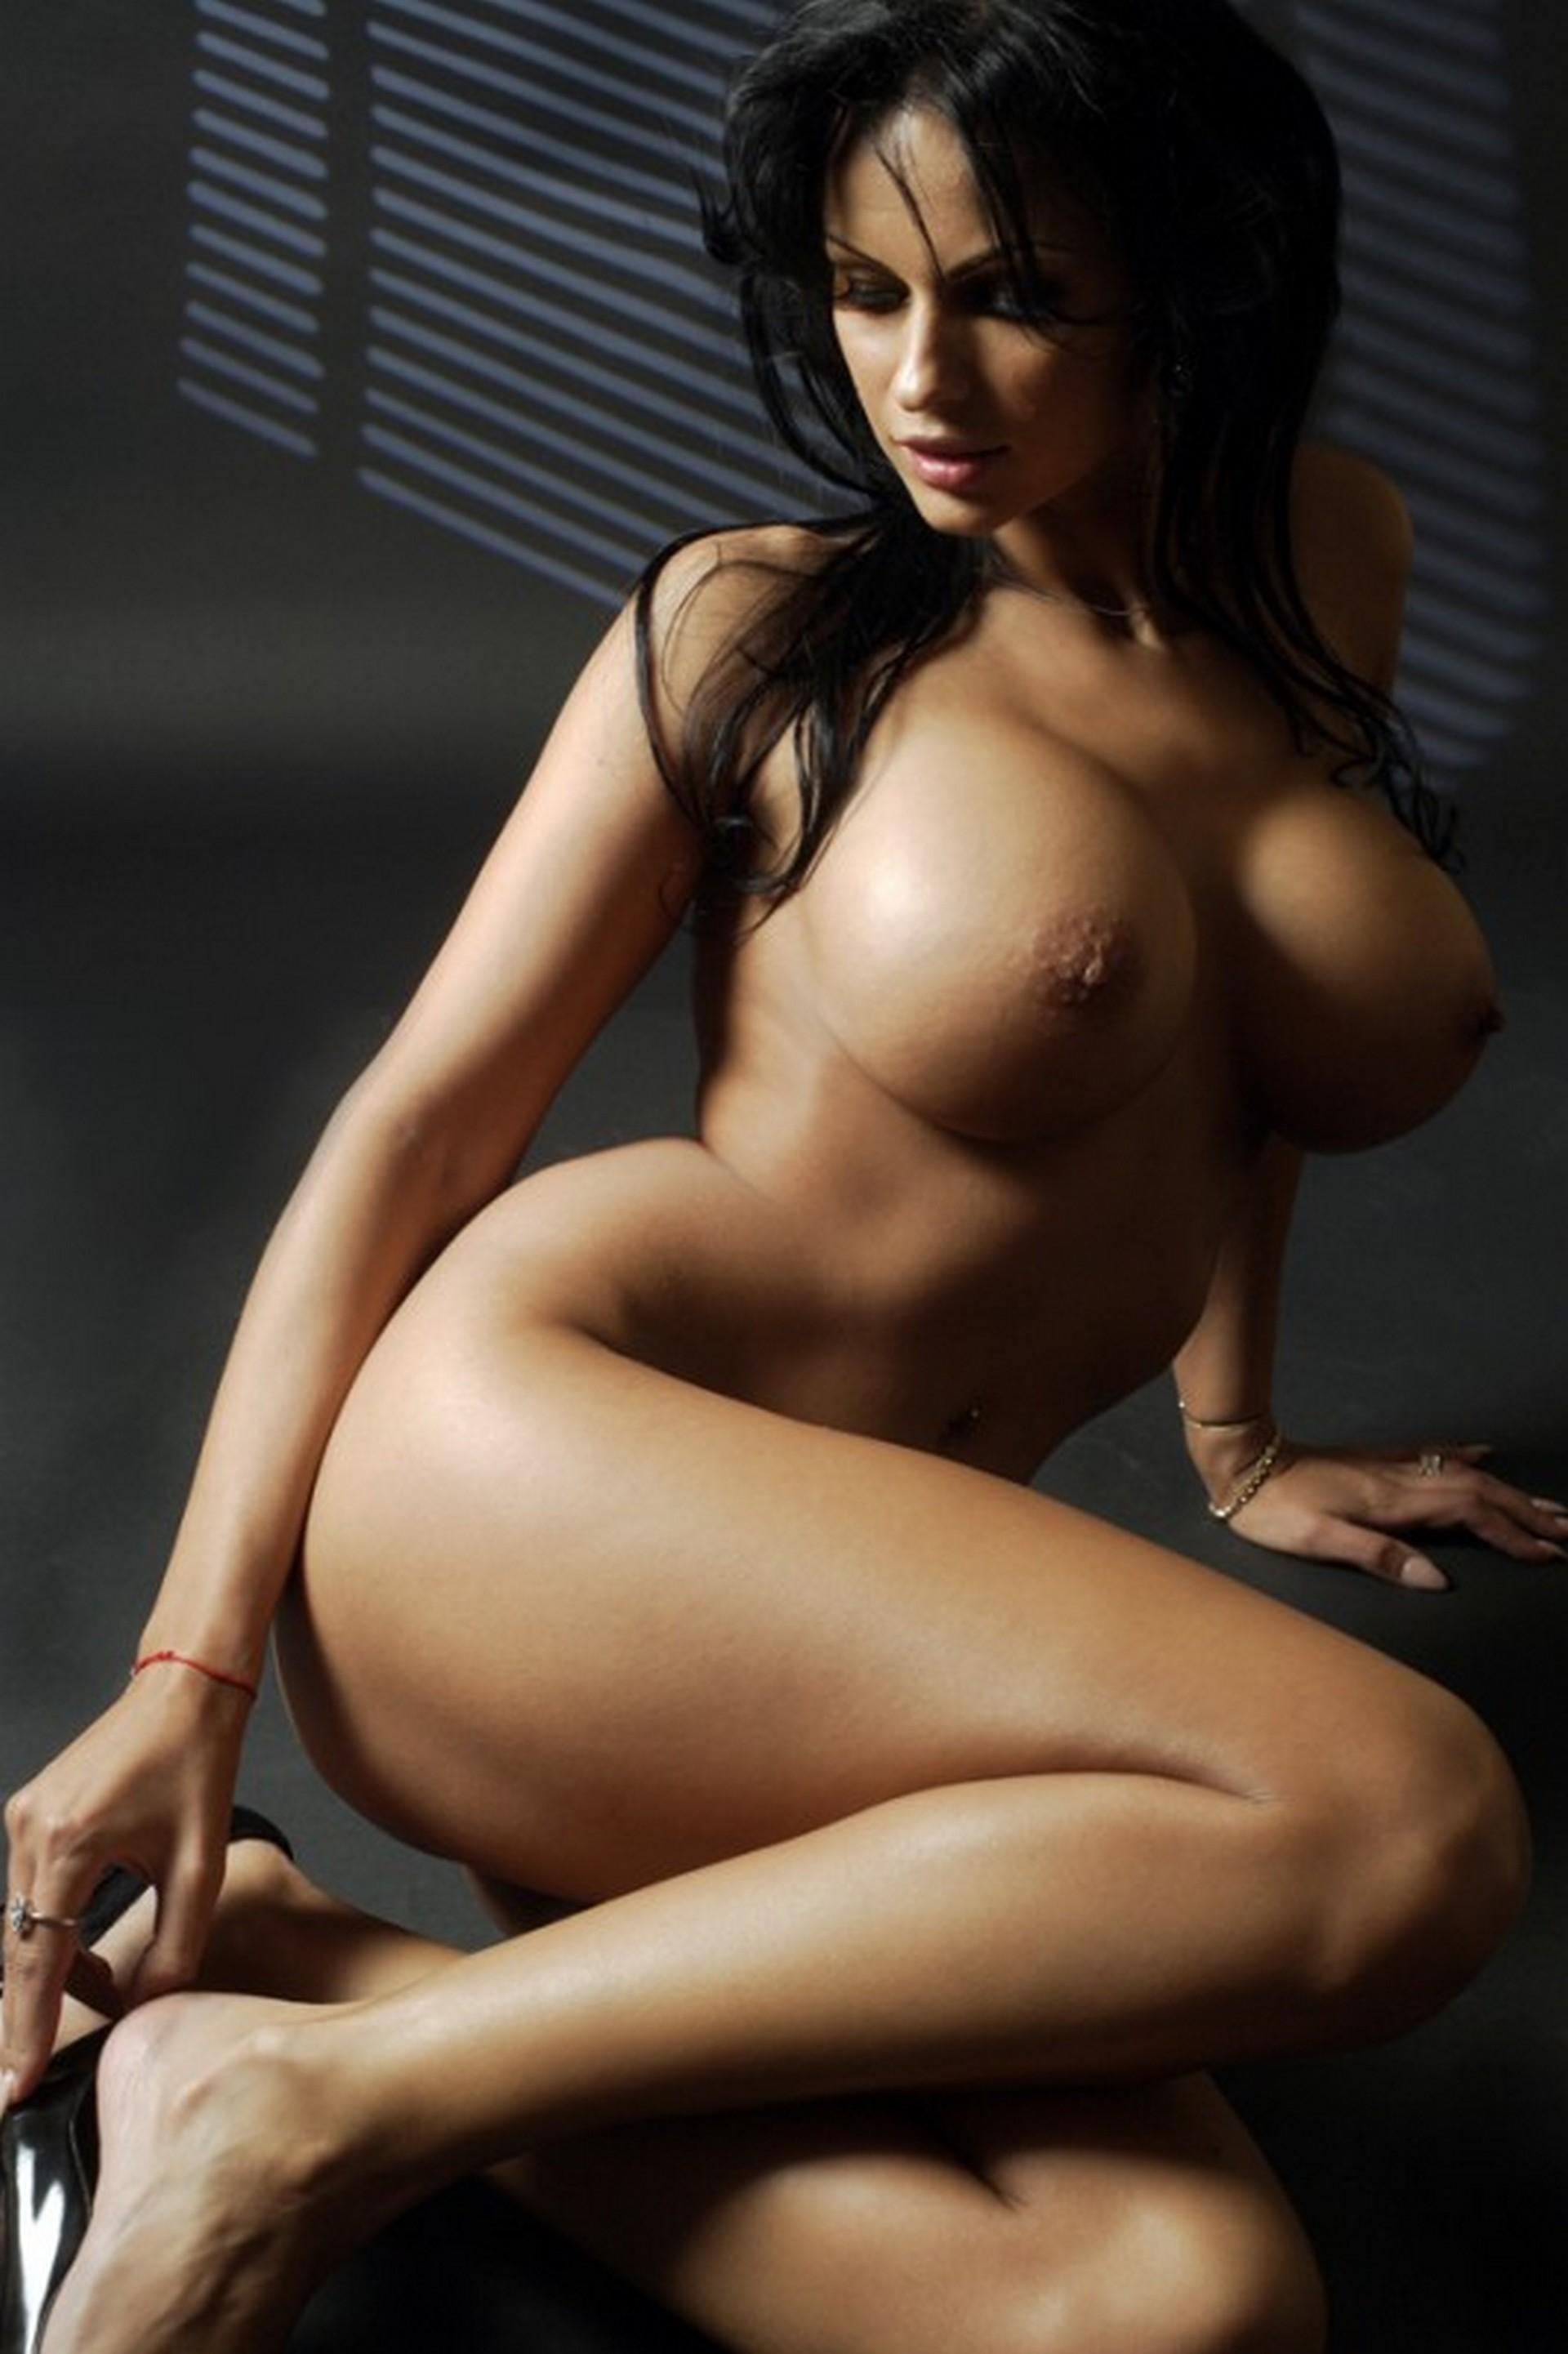 Самые красивые девушки ню @ m1bar.com